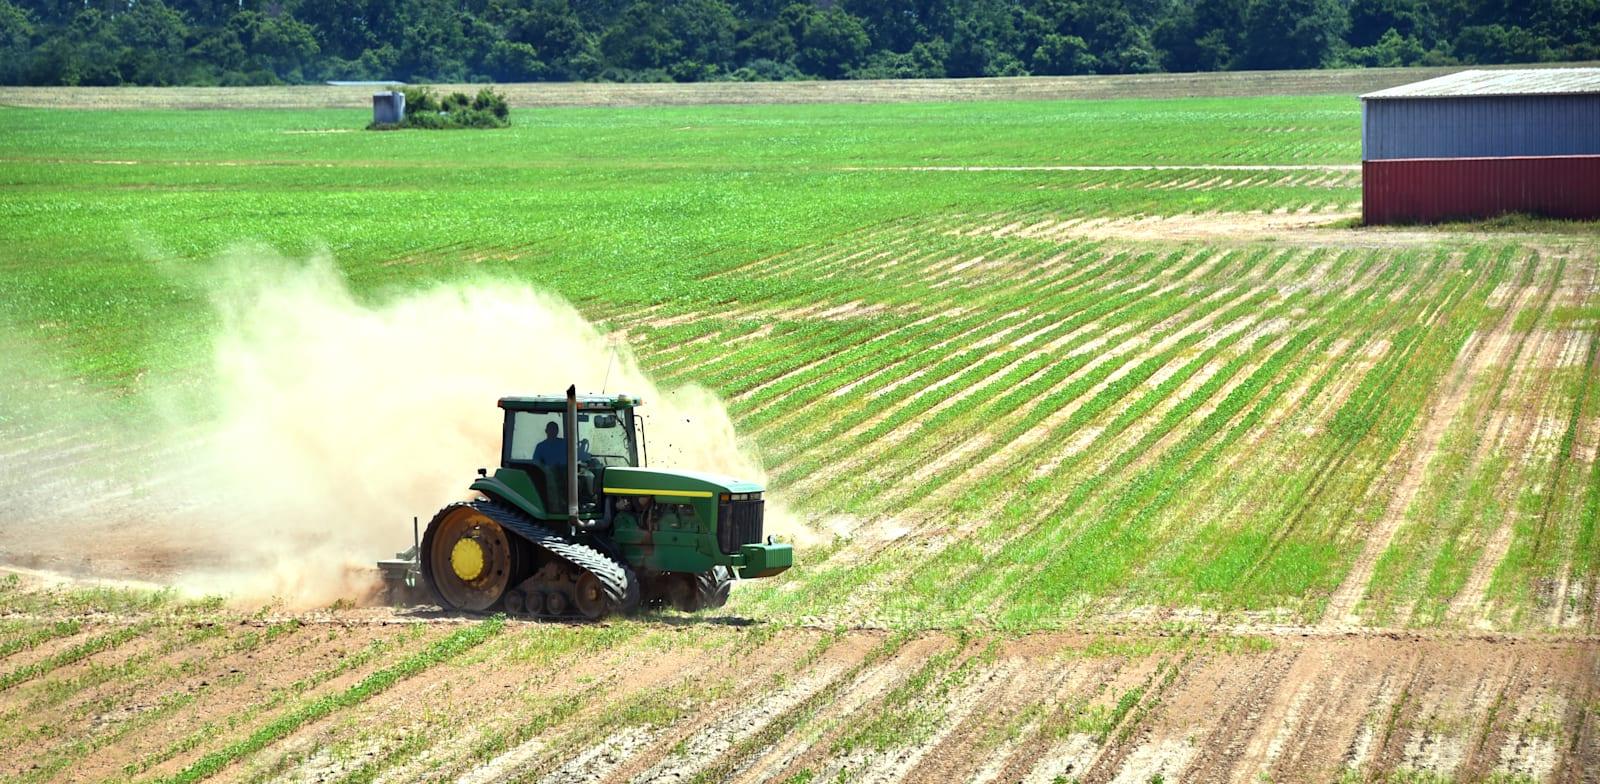 האהדה לה זוכים החקלאים בקרב הציבור לא מתורגמת להישגים פוליטיים ולתקציבים ראויים / צילום: Shutterstock, Bonita R. Cheshier